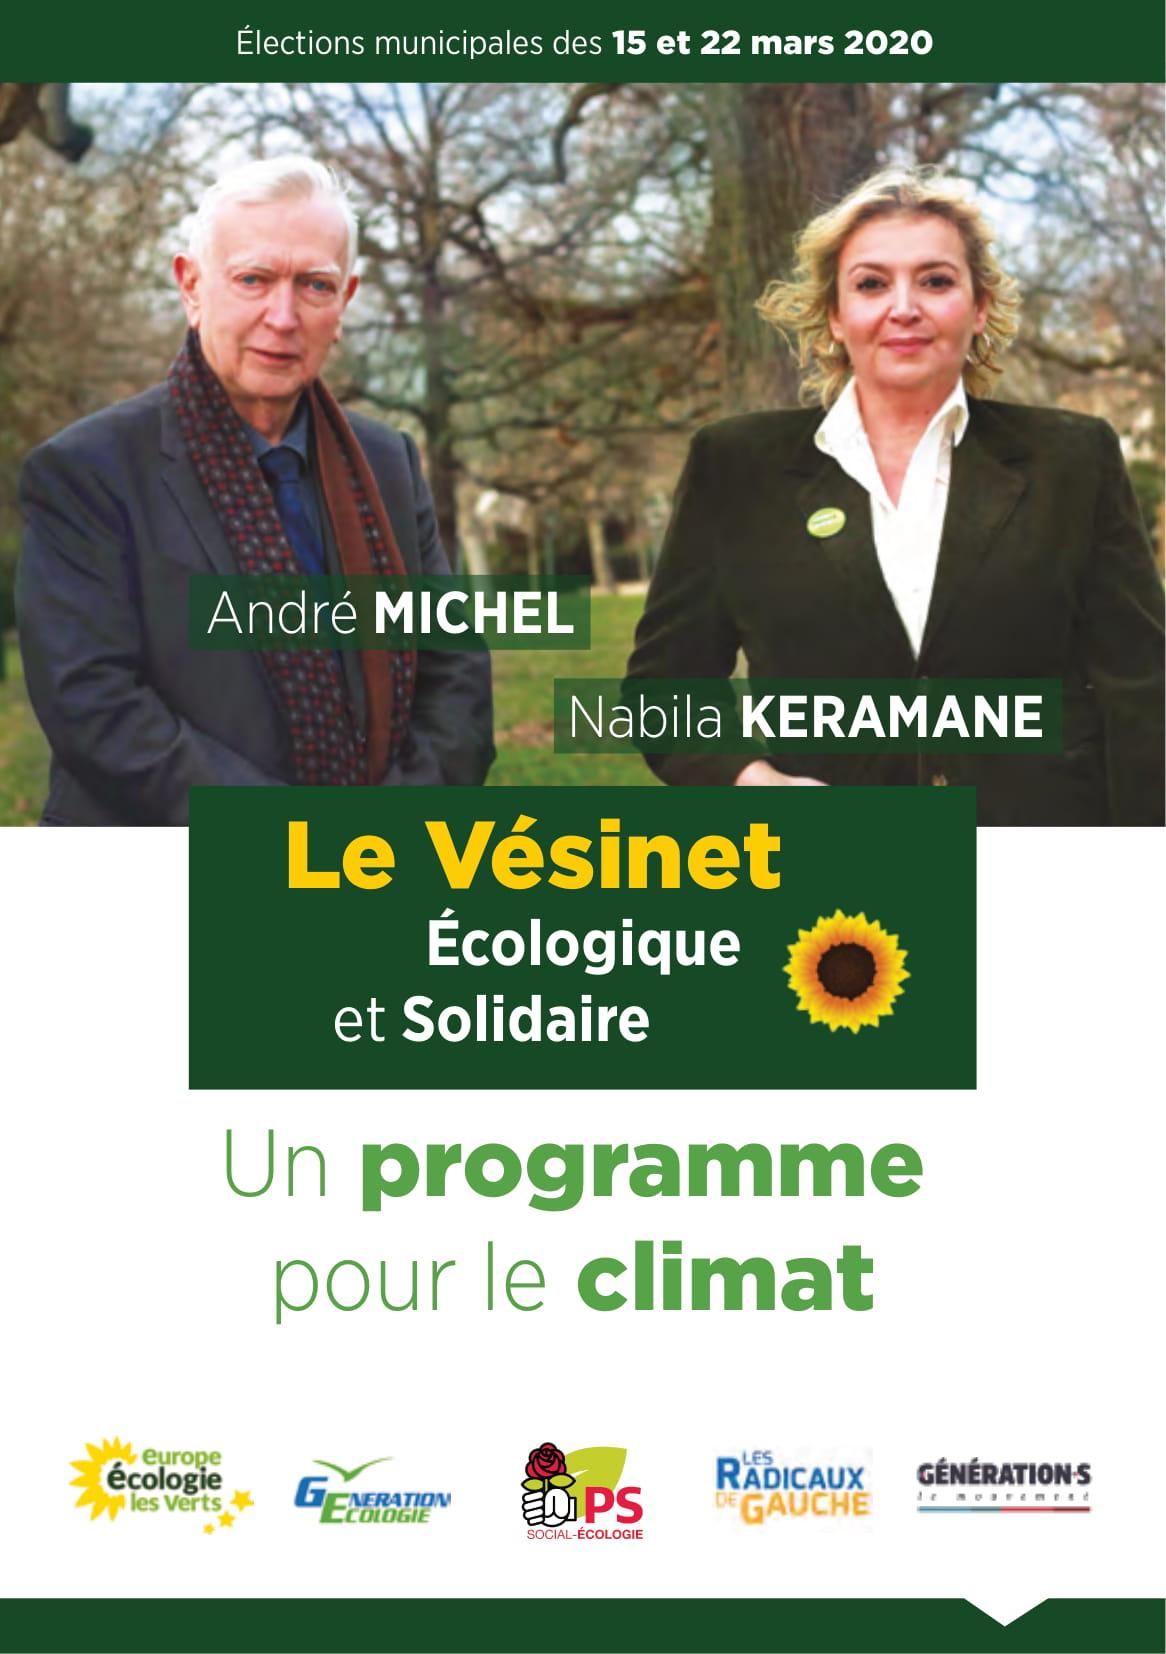 Liste « Le Vésinet – Ecologique et Solidaire », menée pour ces élections municipales 2020, par André Michel et Nabila Kéramane .